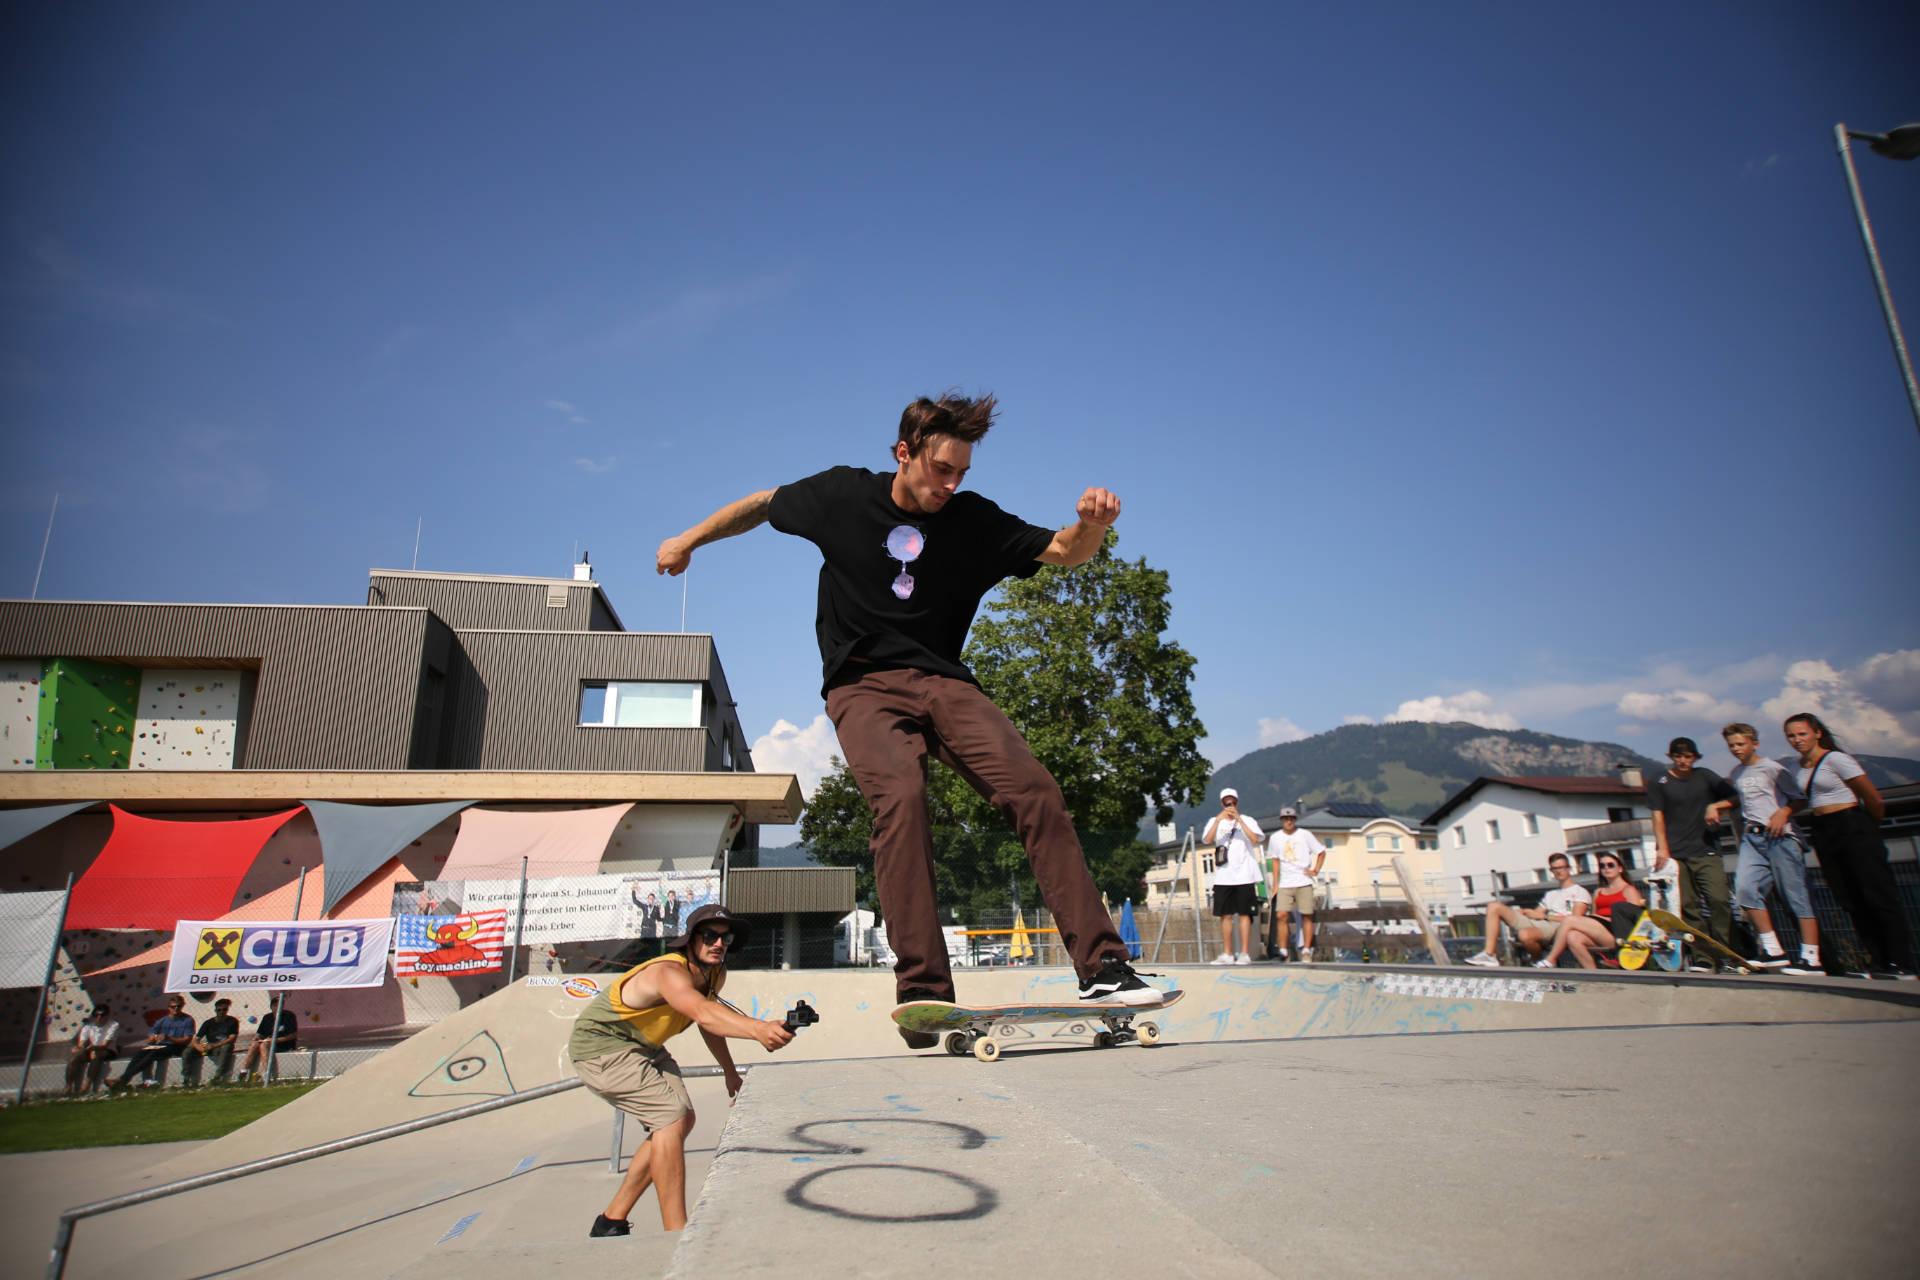 skateboardheadz st johann in tirol kgt 2019 finale 00152